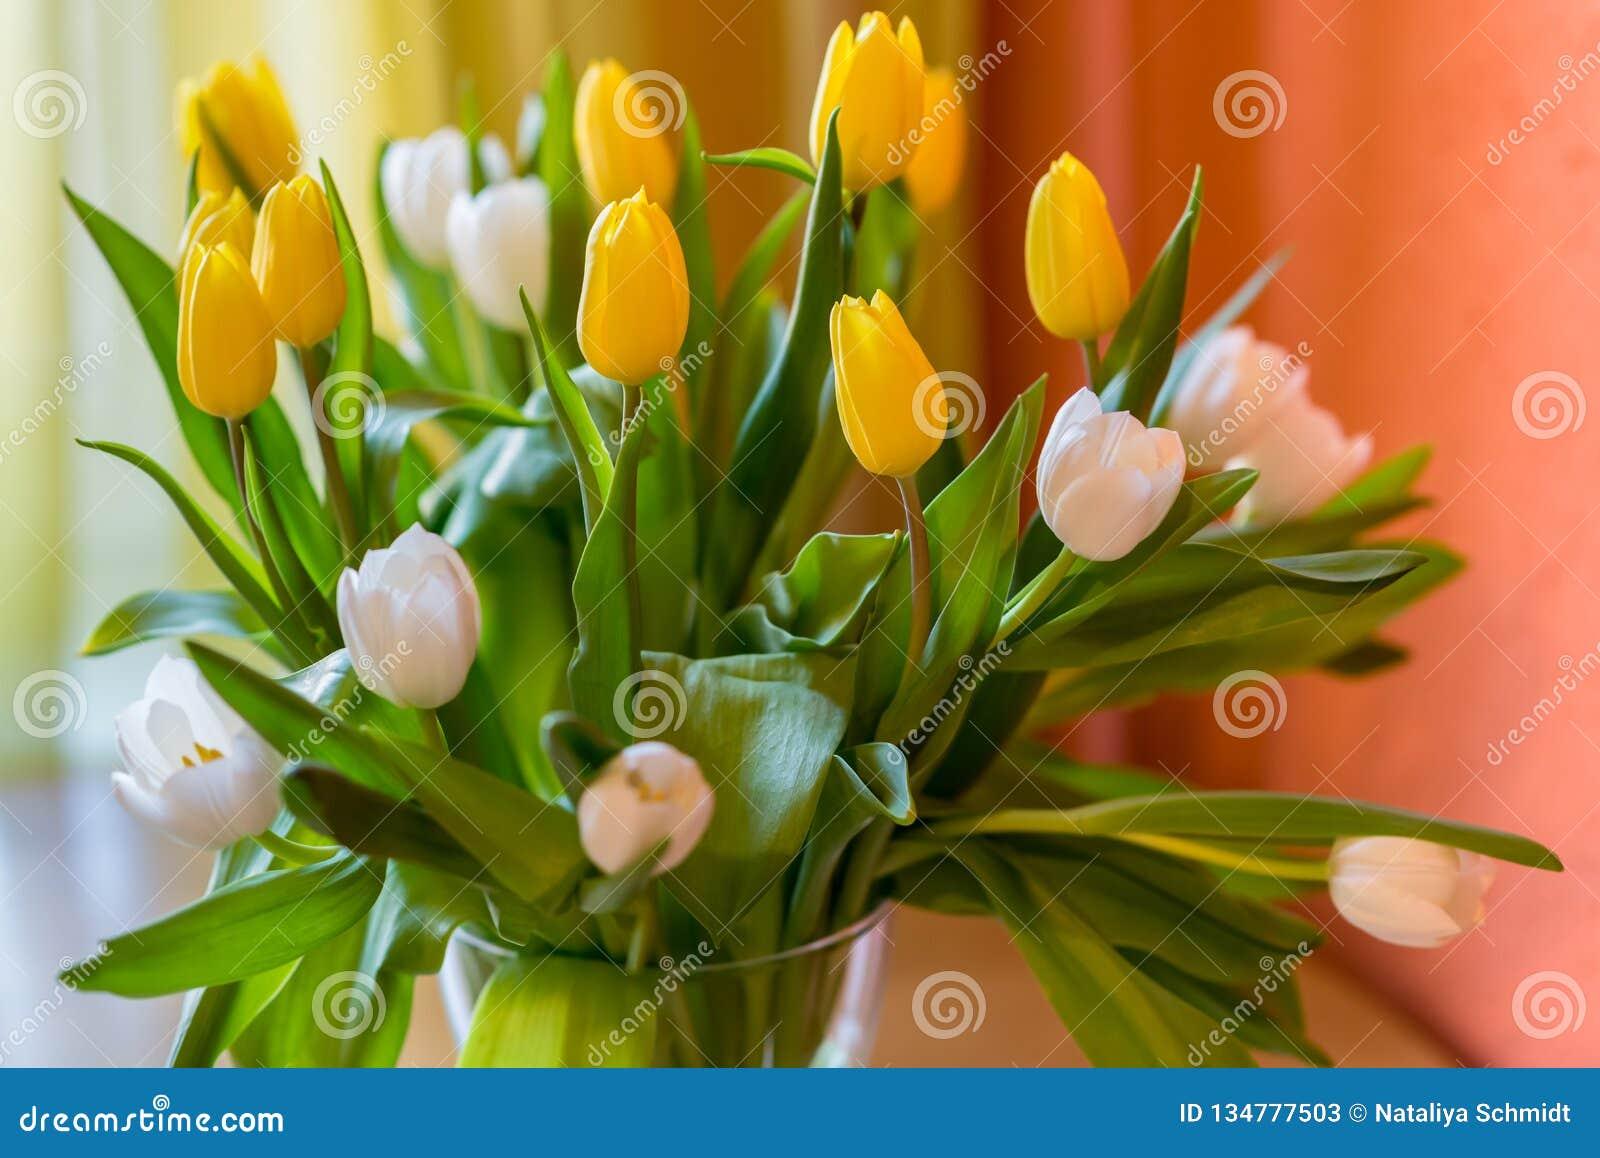 Les tulipes jaunes et blanches jaillissent fleurit le bouquet de Pâques des fleurs